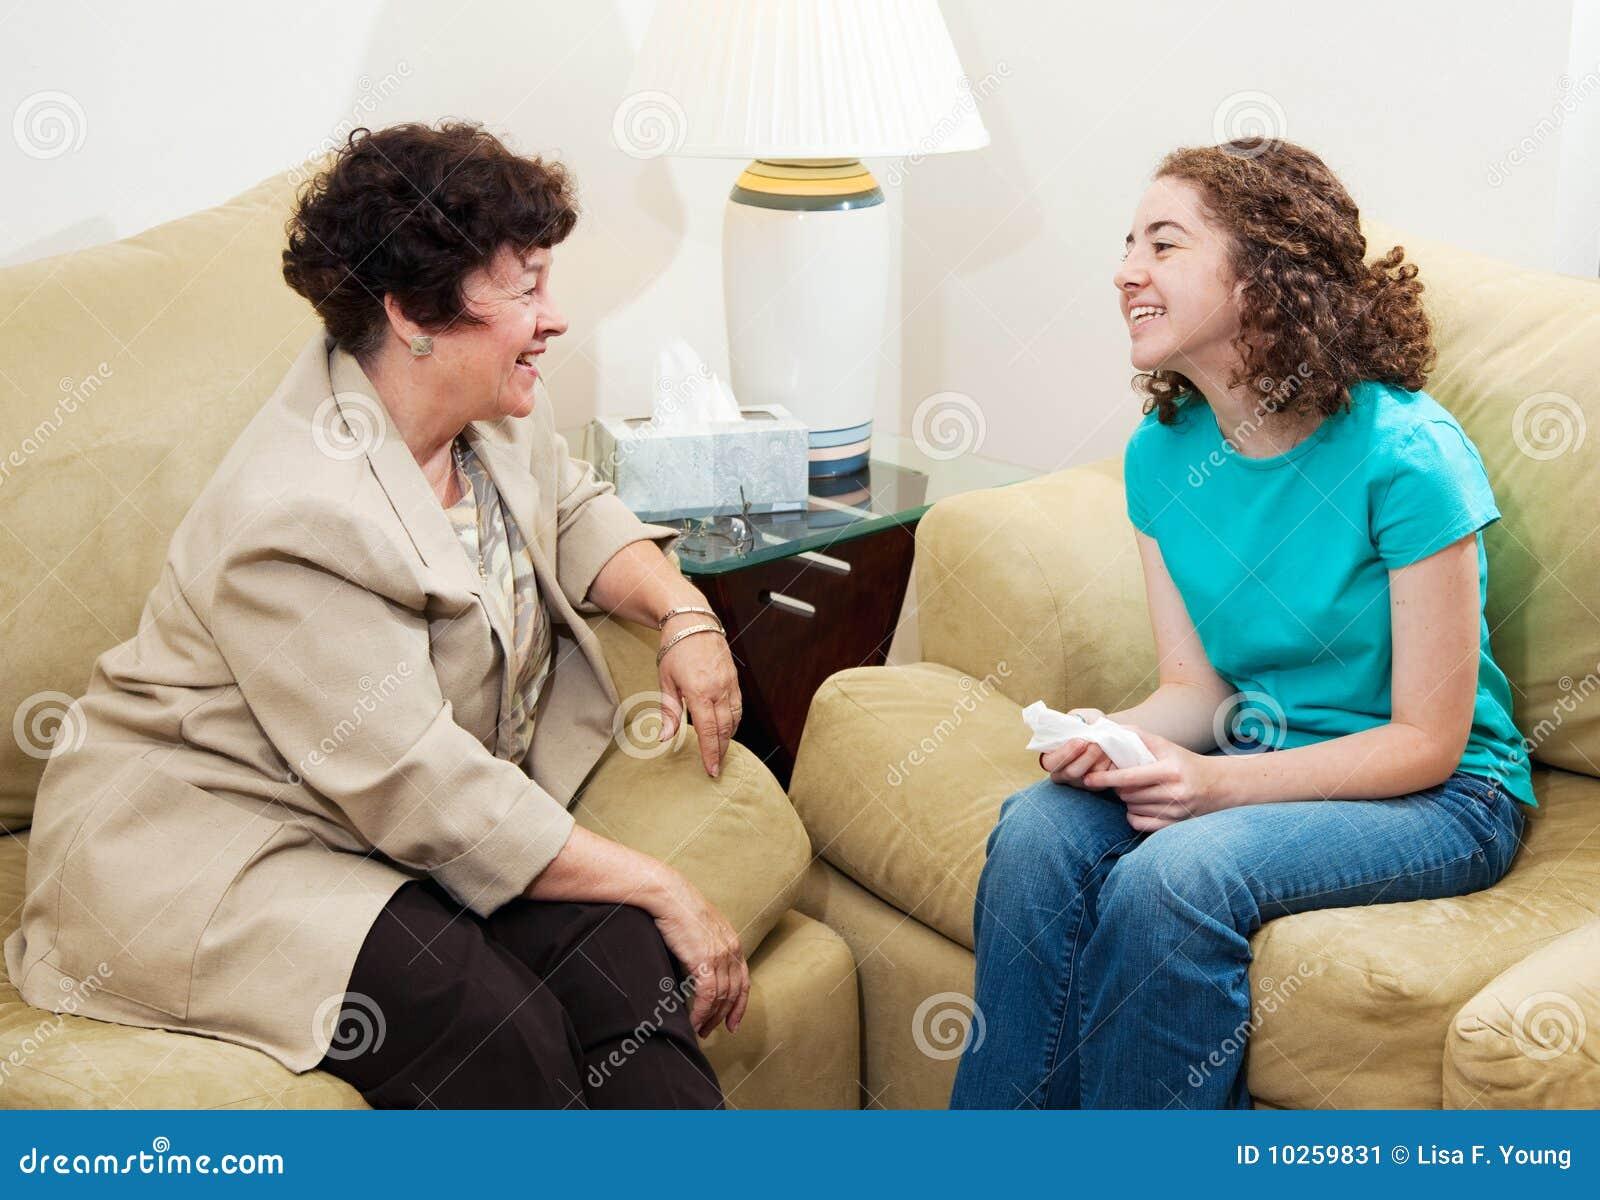 Asesoramiento - conversación cómoda